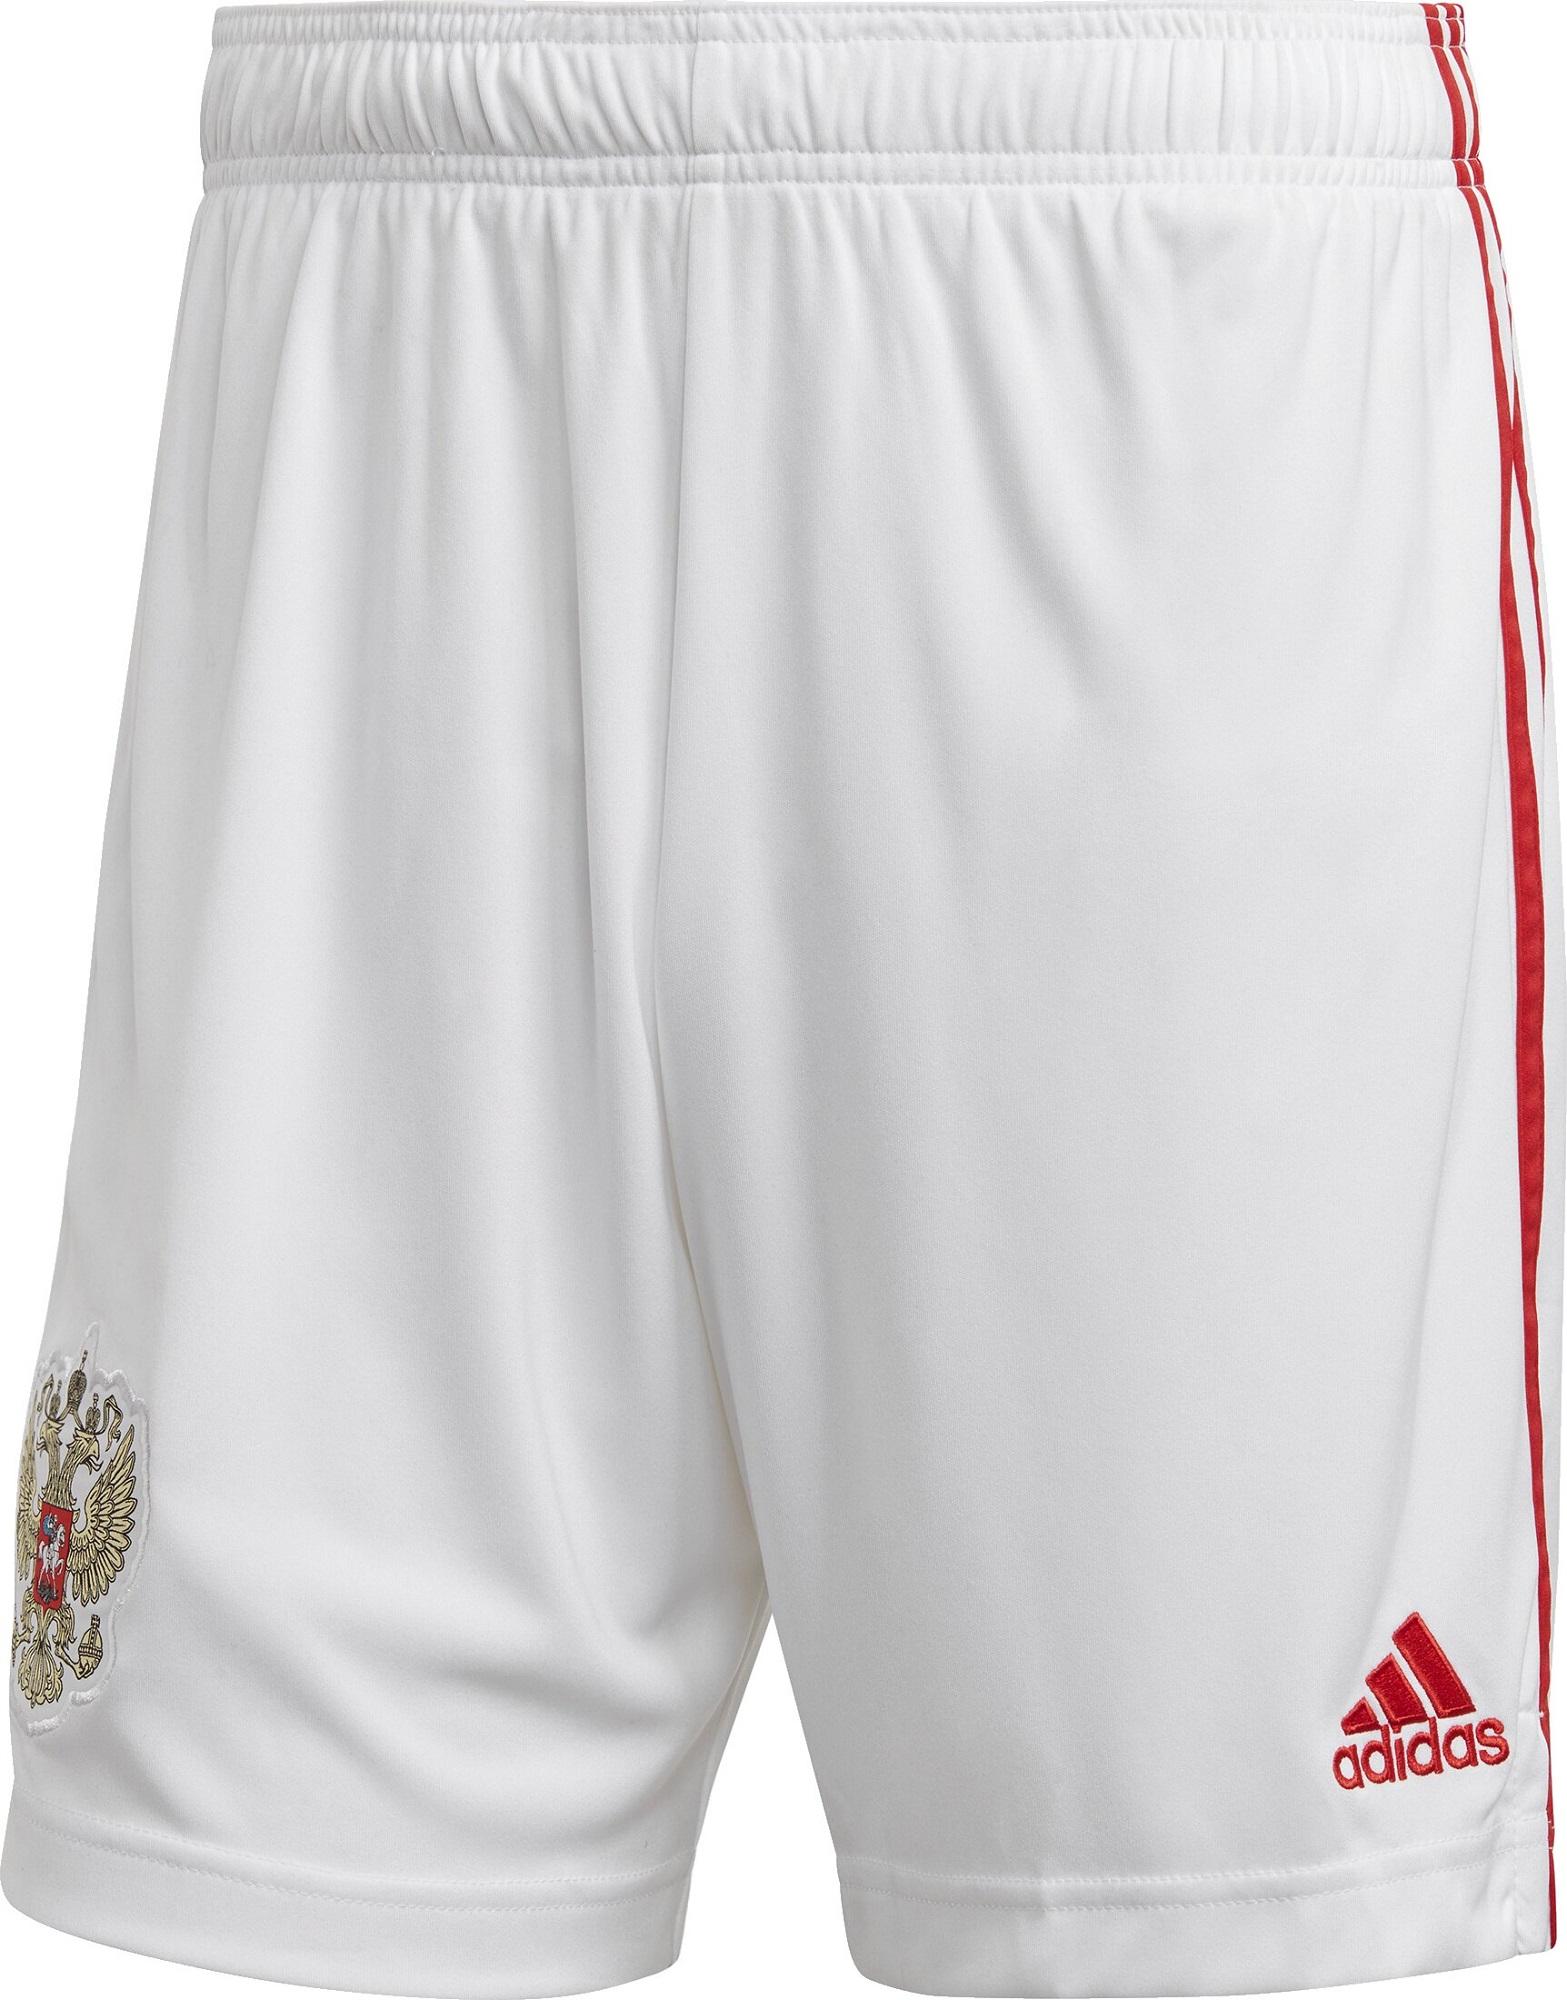 Adidas Домашняя форма сборной России мужская, Adidas, размер 54